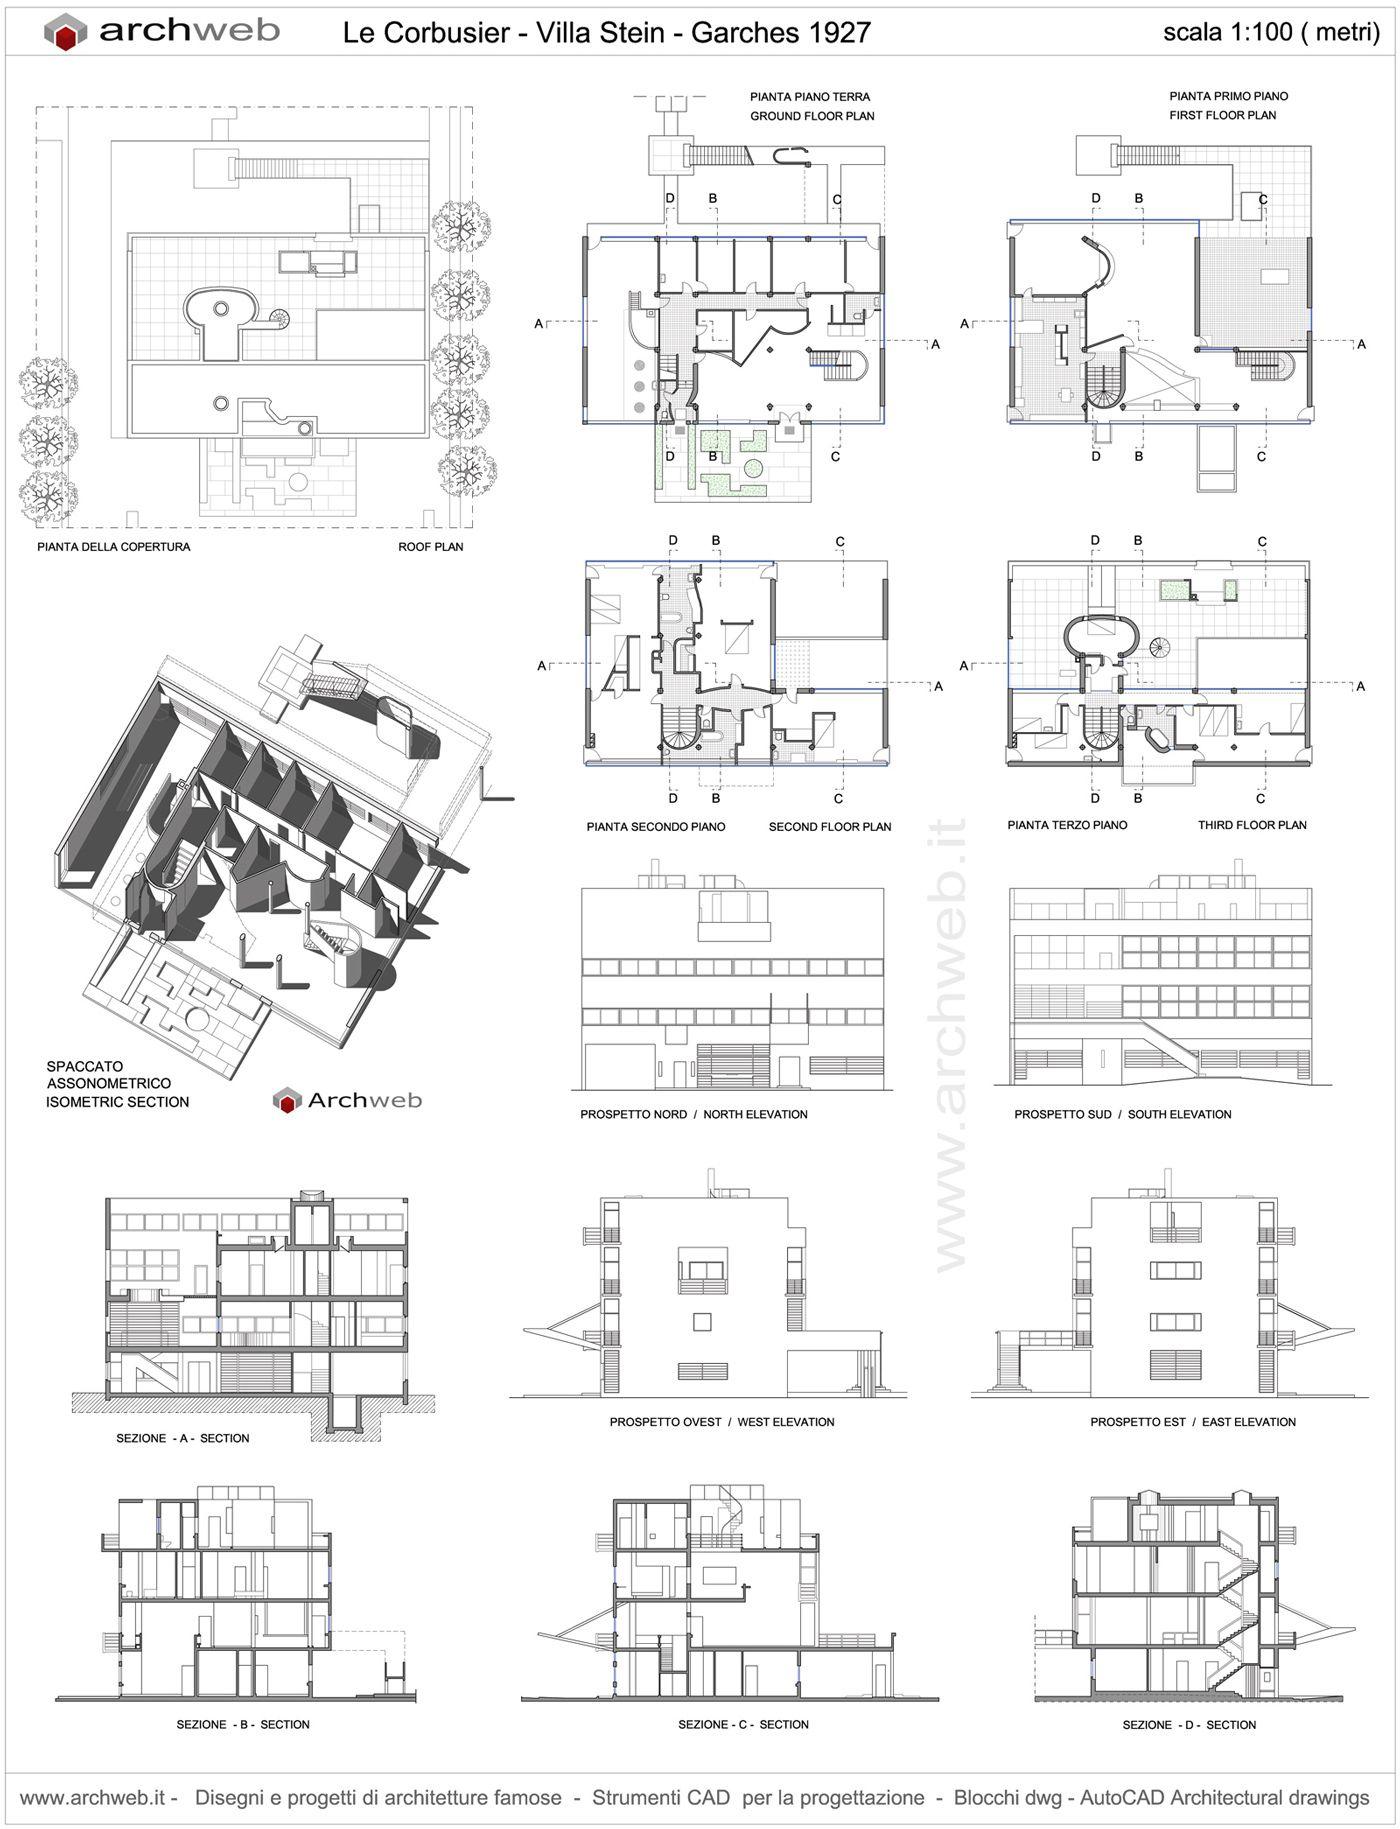 Villa Stein A Garches 1926 Le Corbusier Archweb 2d